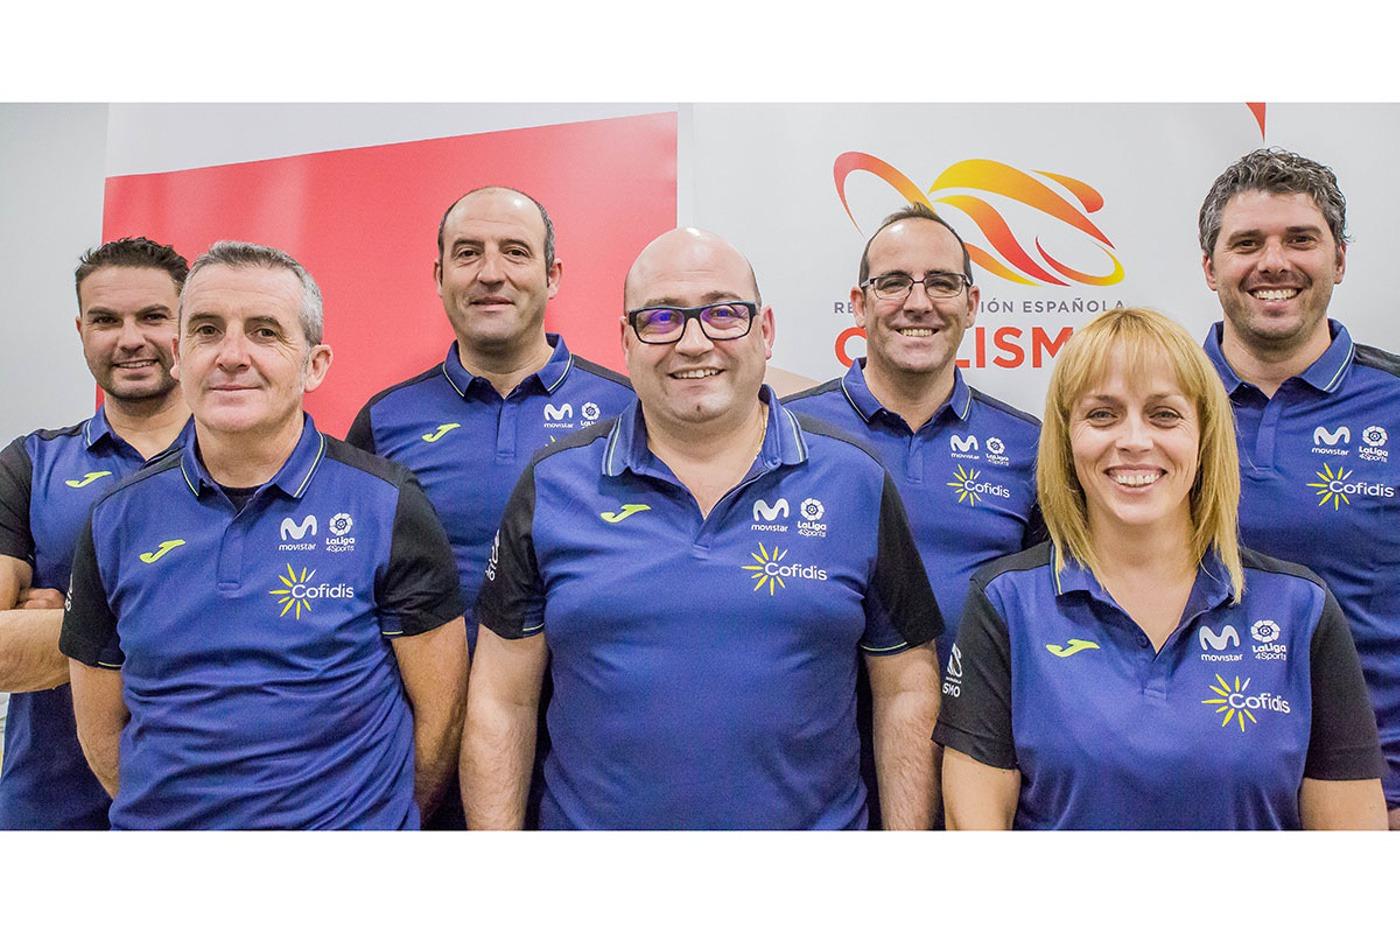 Aprobados los nuevos seleccionadores de la Selección Española de Ciclismo